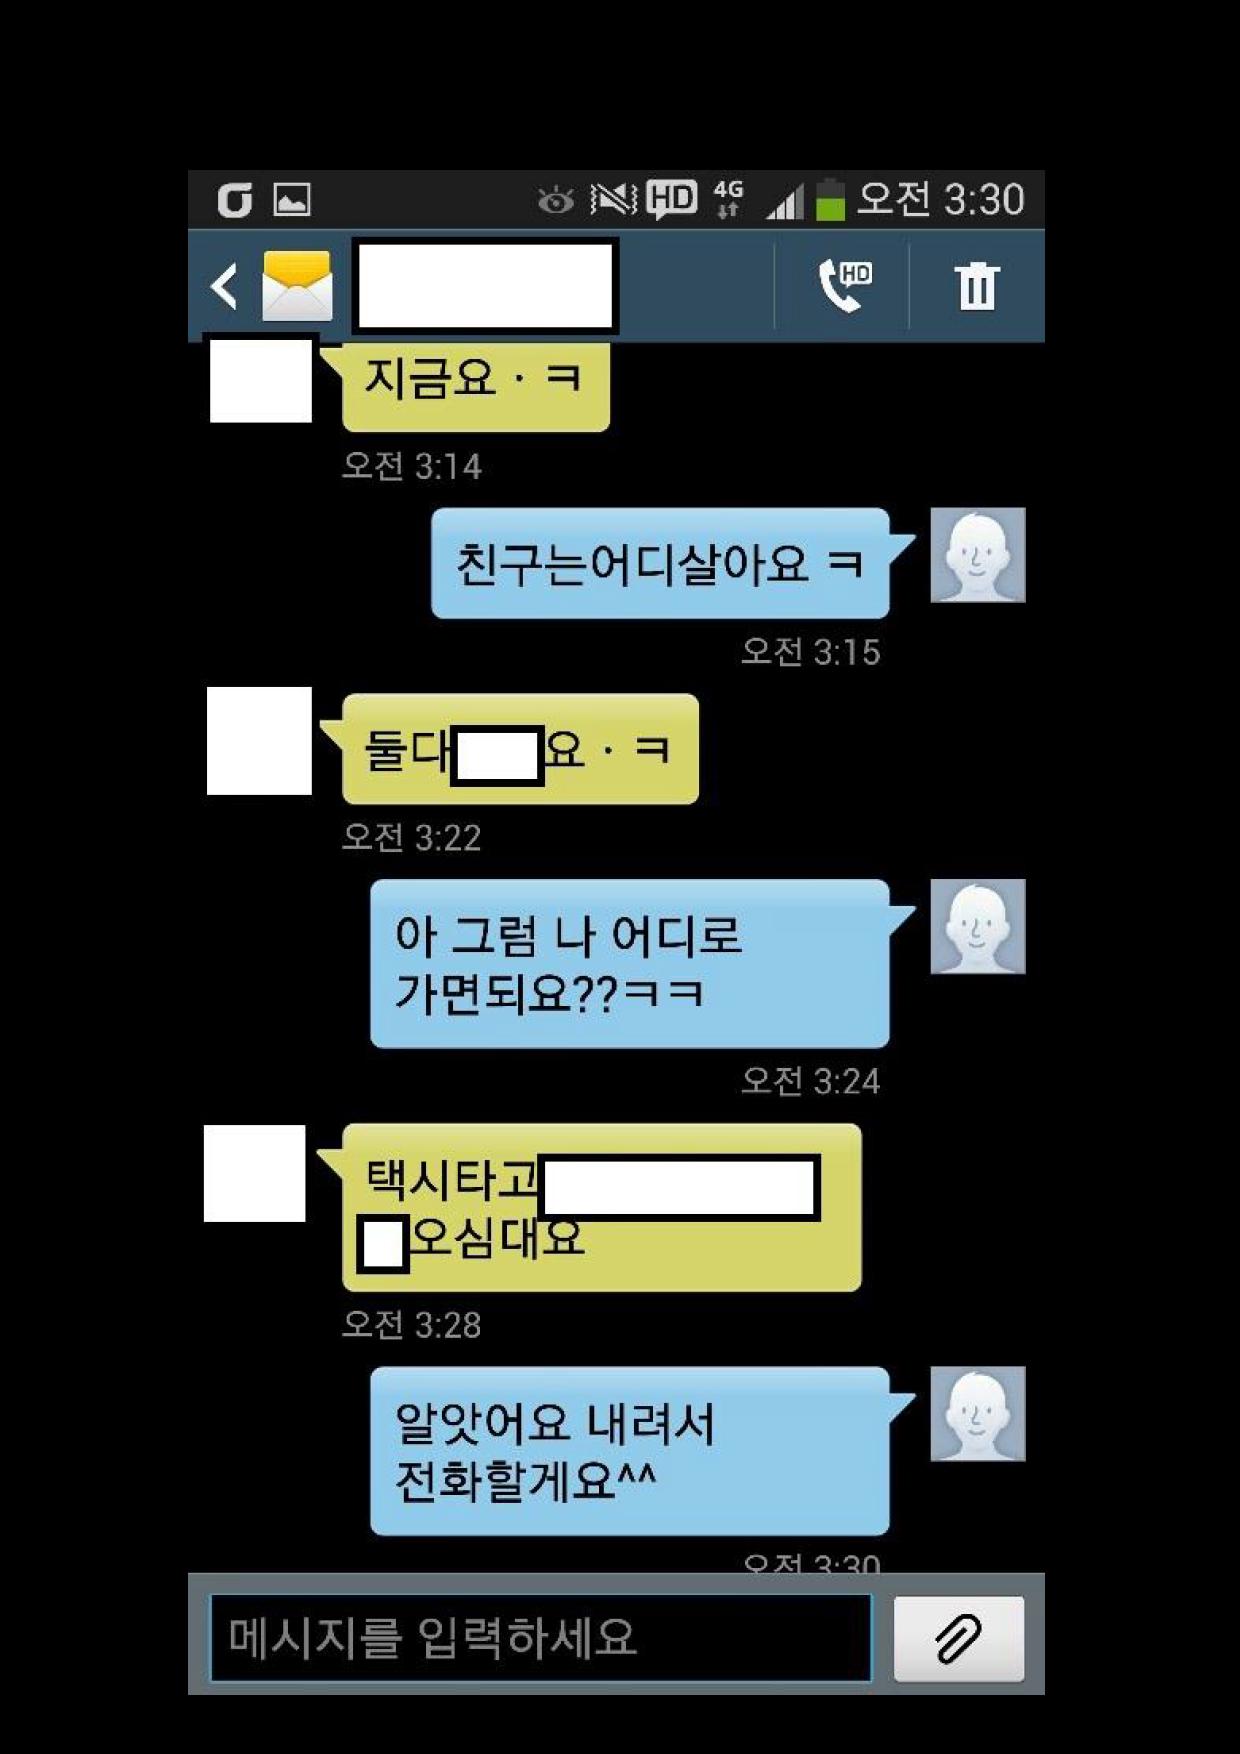 본 머티리어 1회차 홍보글 v3(수강후기 따로 편집요함)_32.png